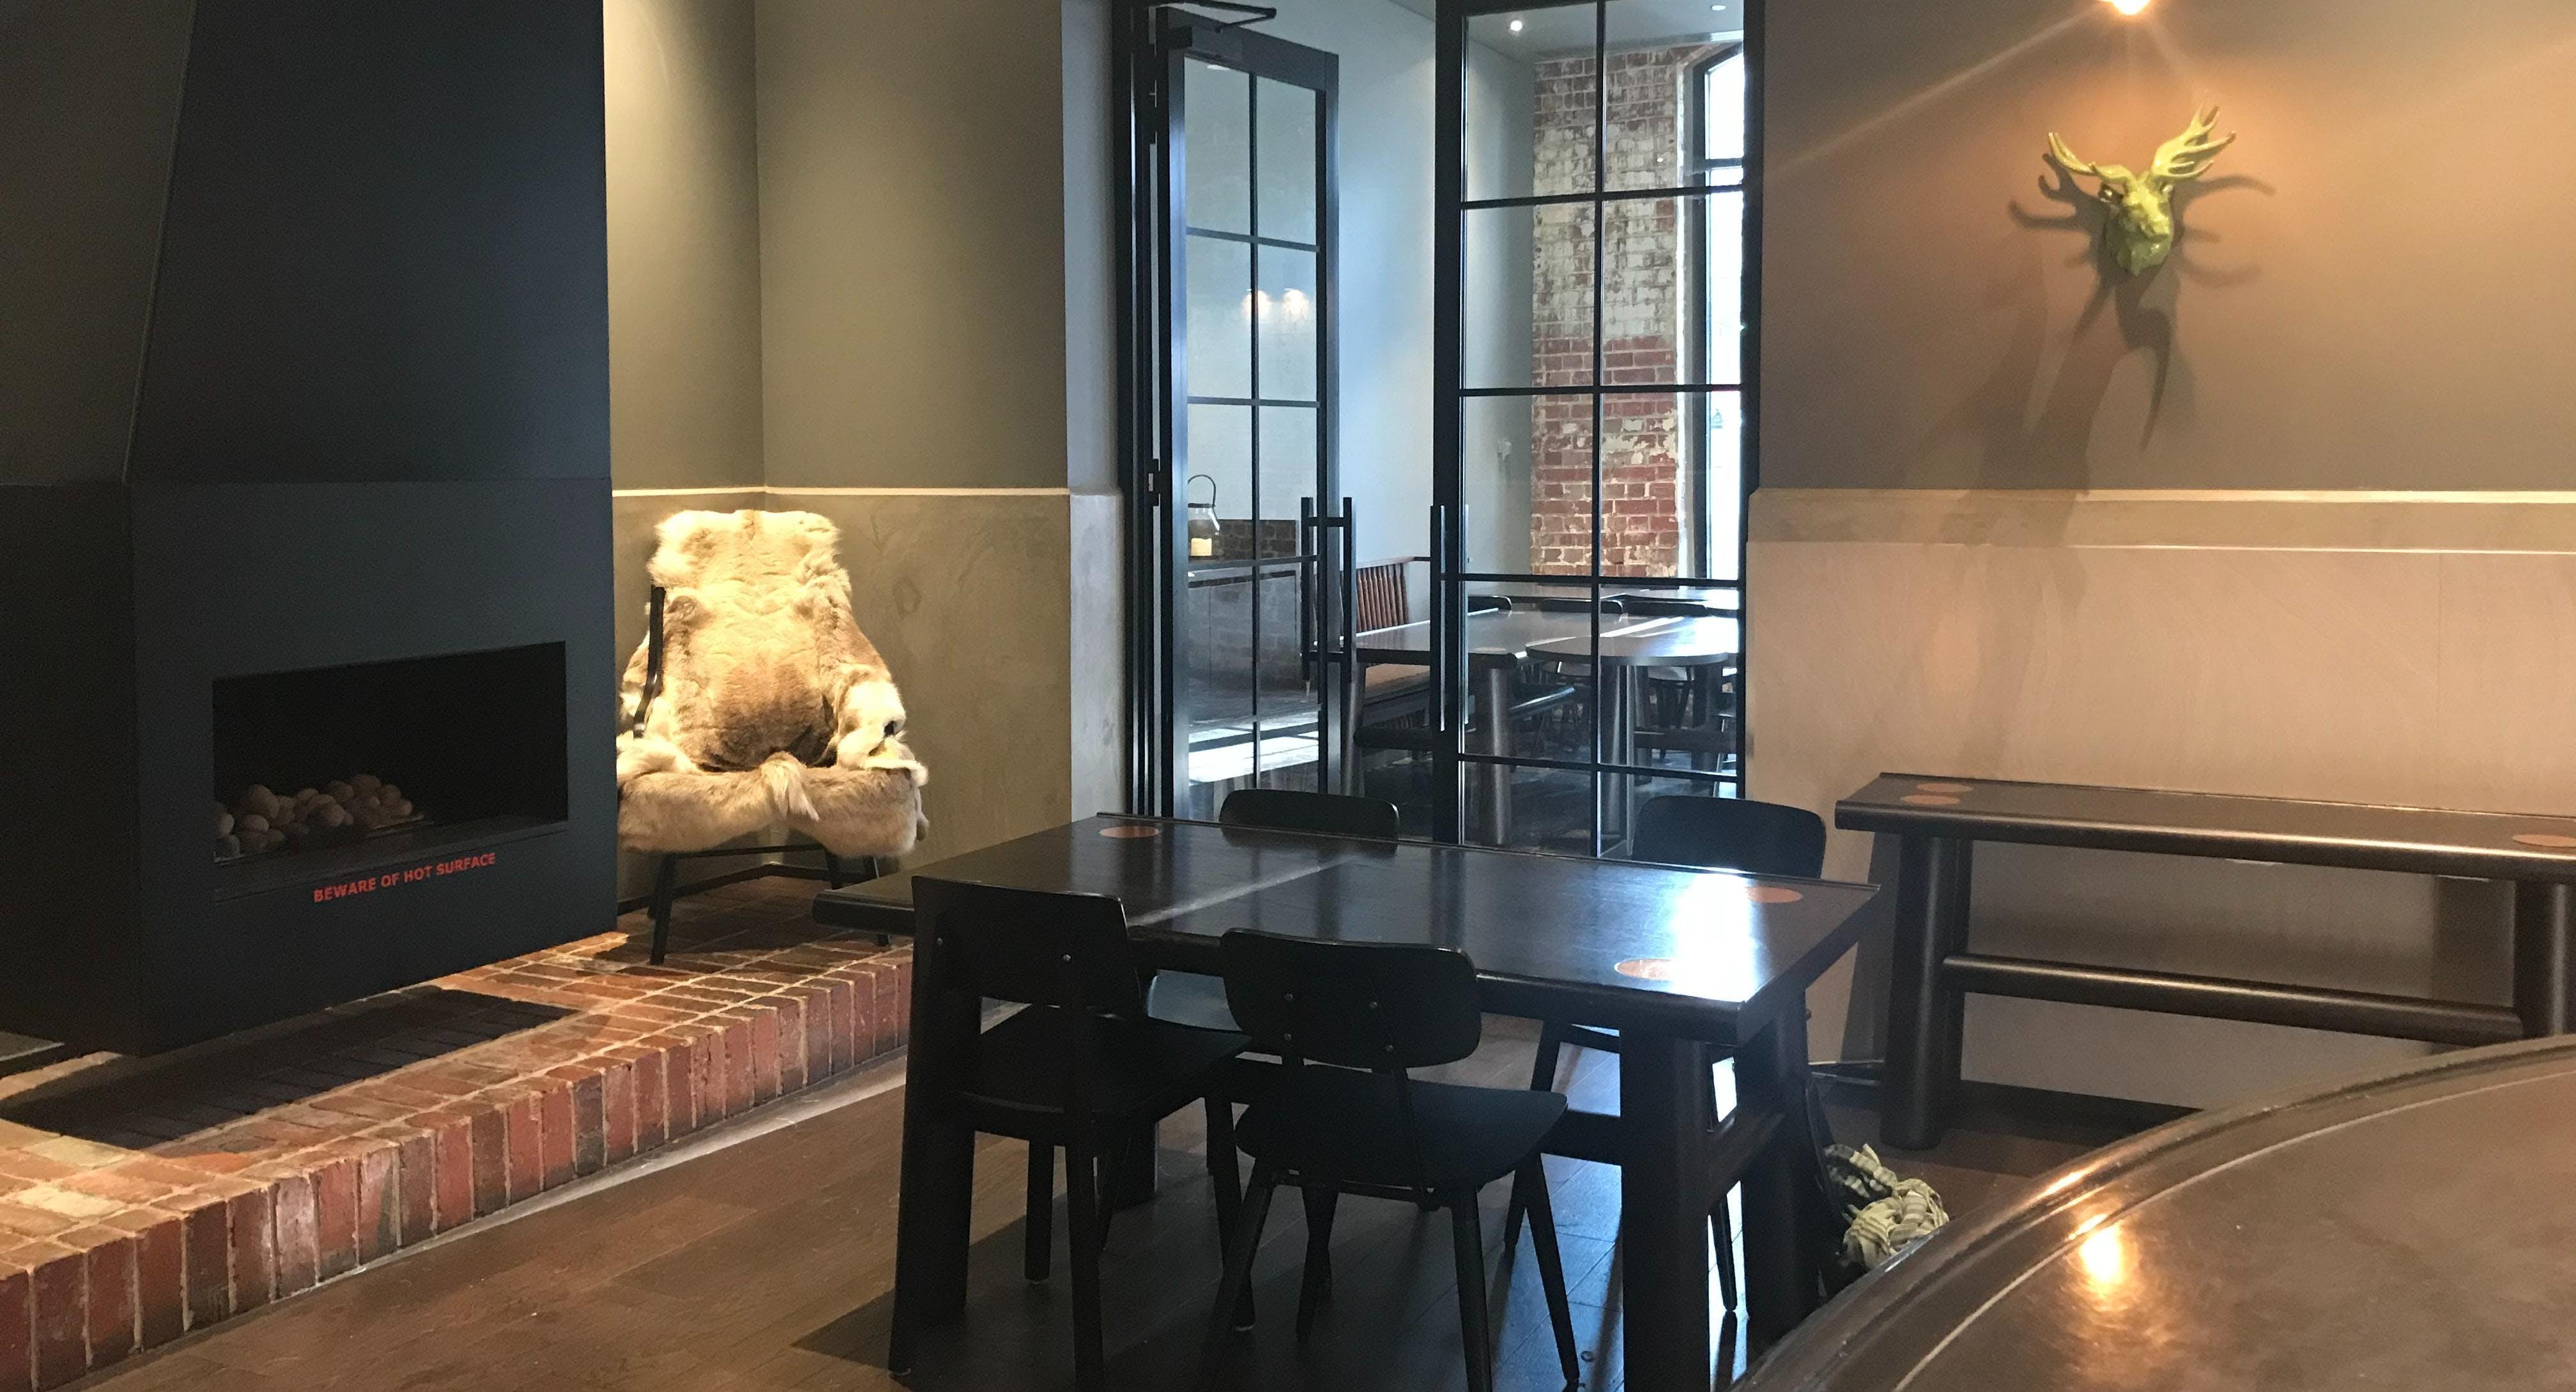 Dee Casa Restaurant & Bar